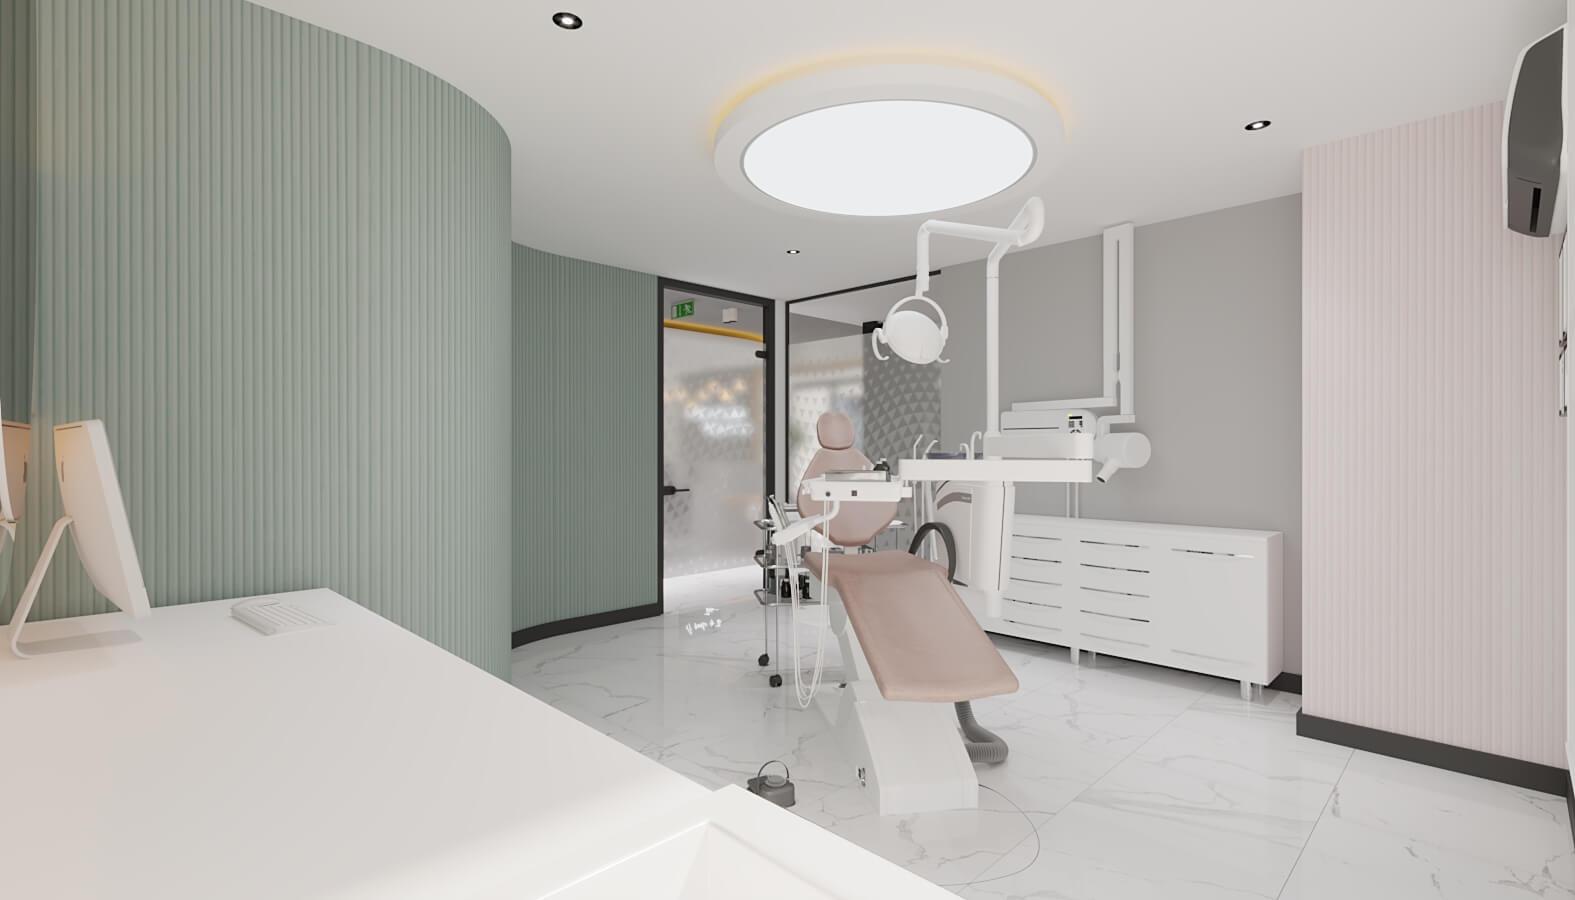 Cerrahi Poliklinik 4556 Ankara Diş Kliniği Tasarımı Sağlık